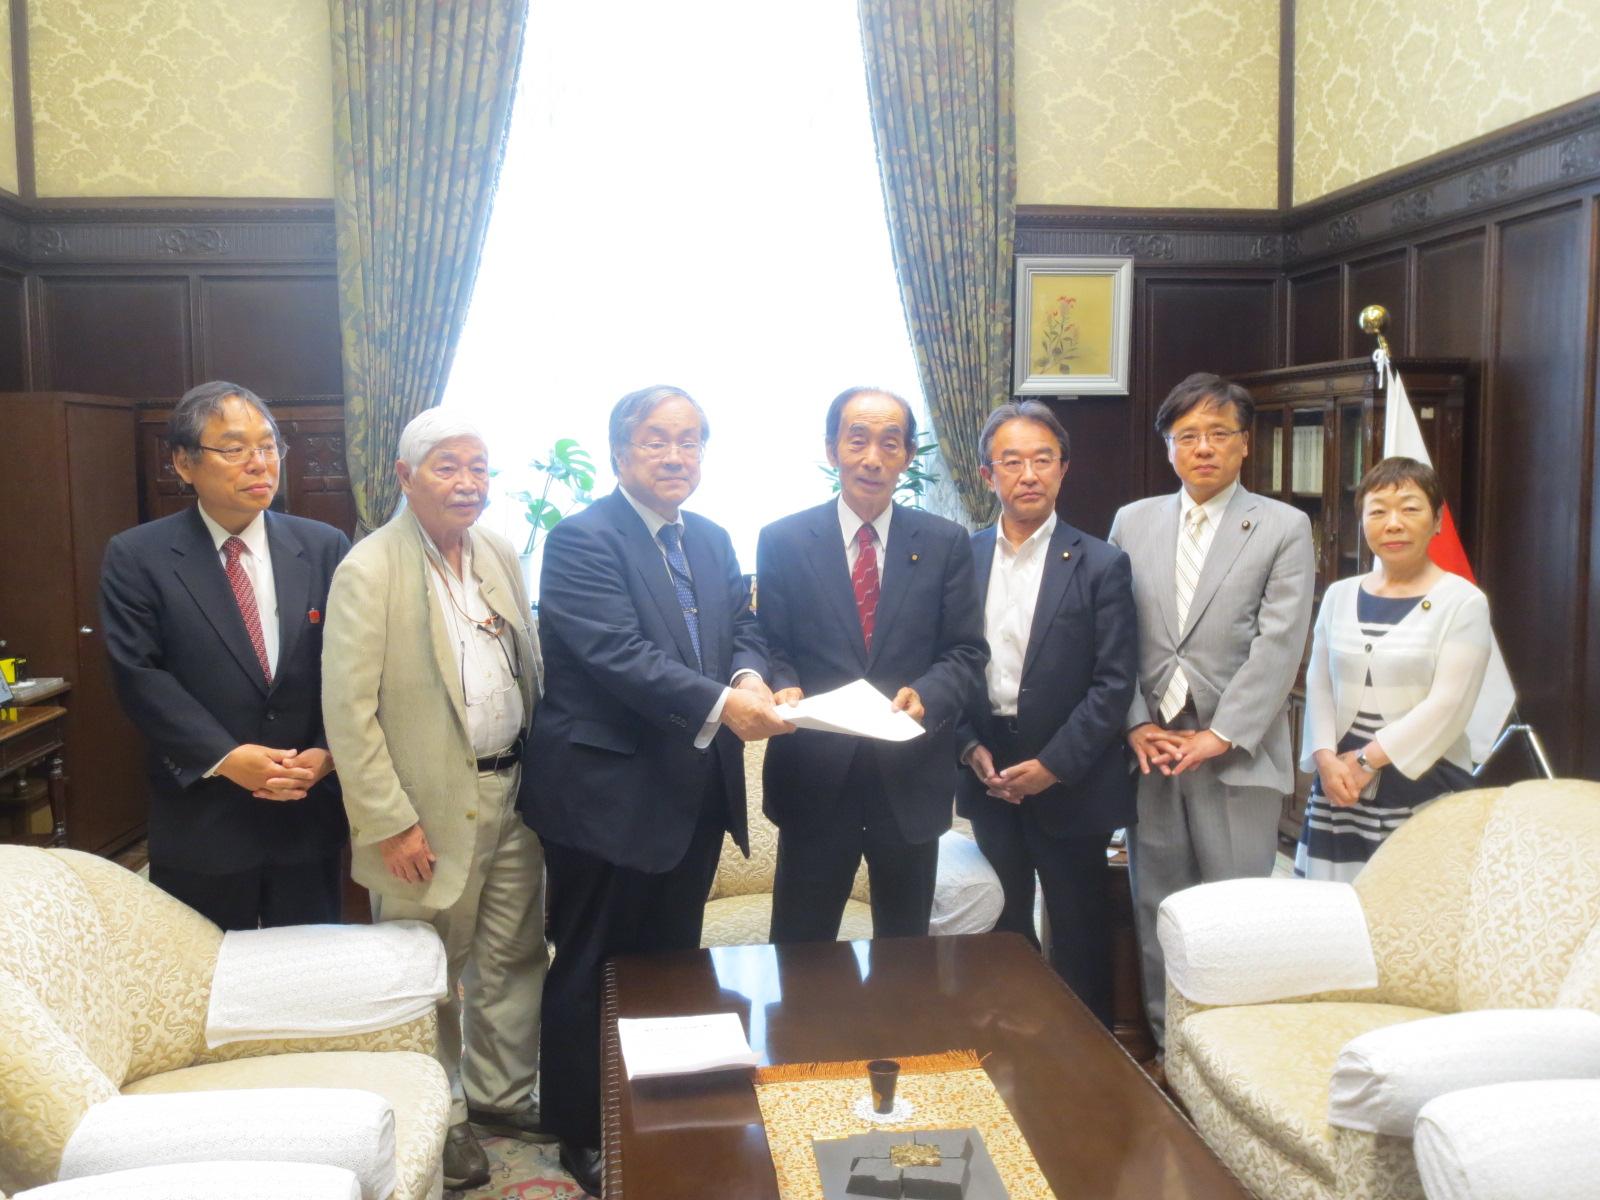 http://www.inoue-satoshi.com/diary/IMG_4094.JPG